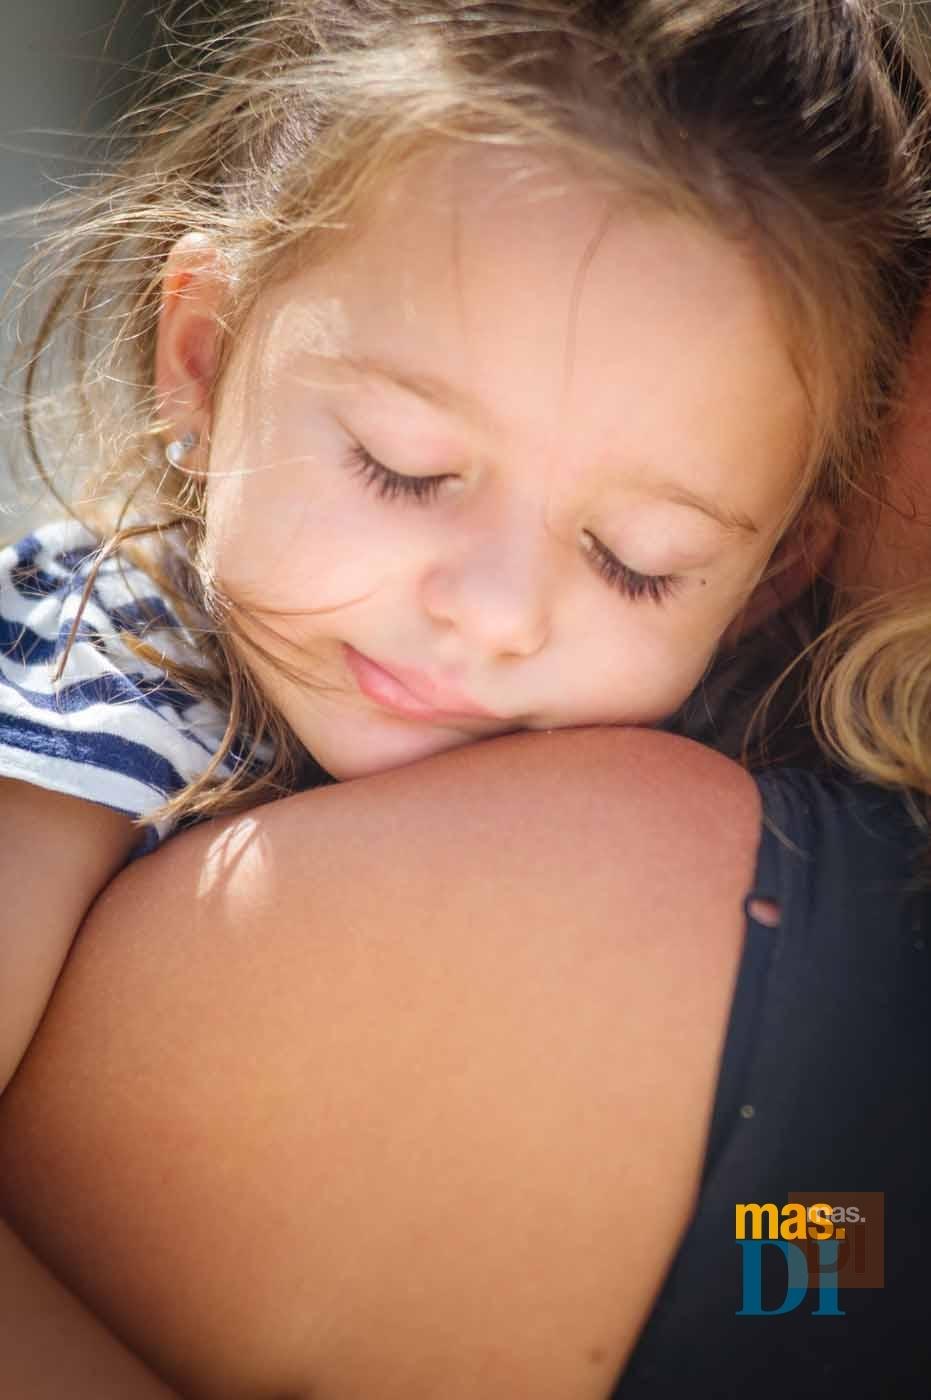 Seguros más indicados para la protección de la familia